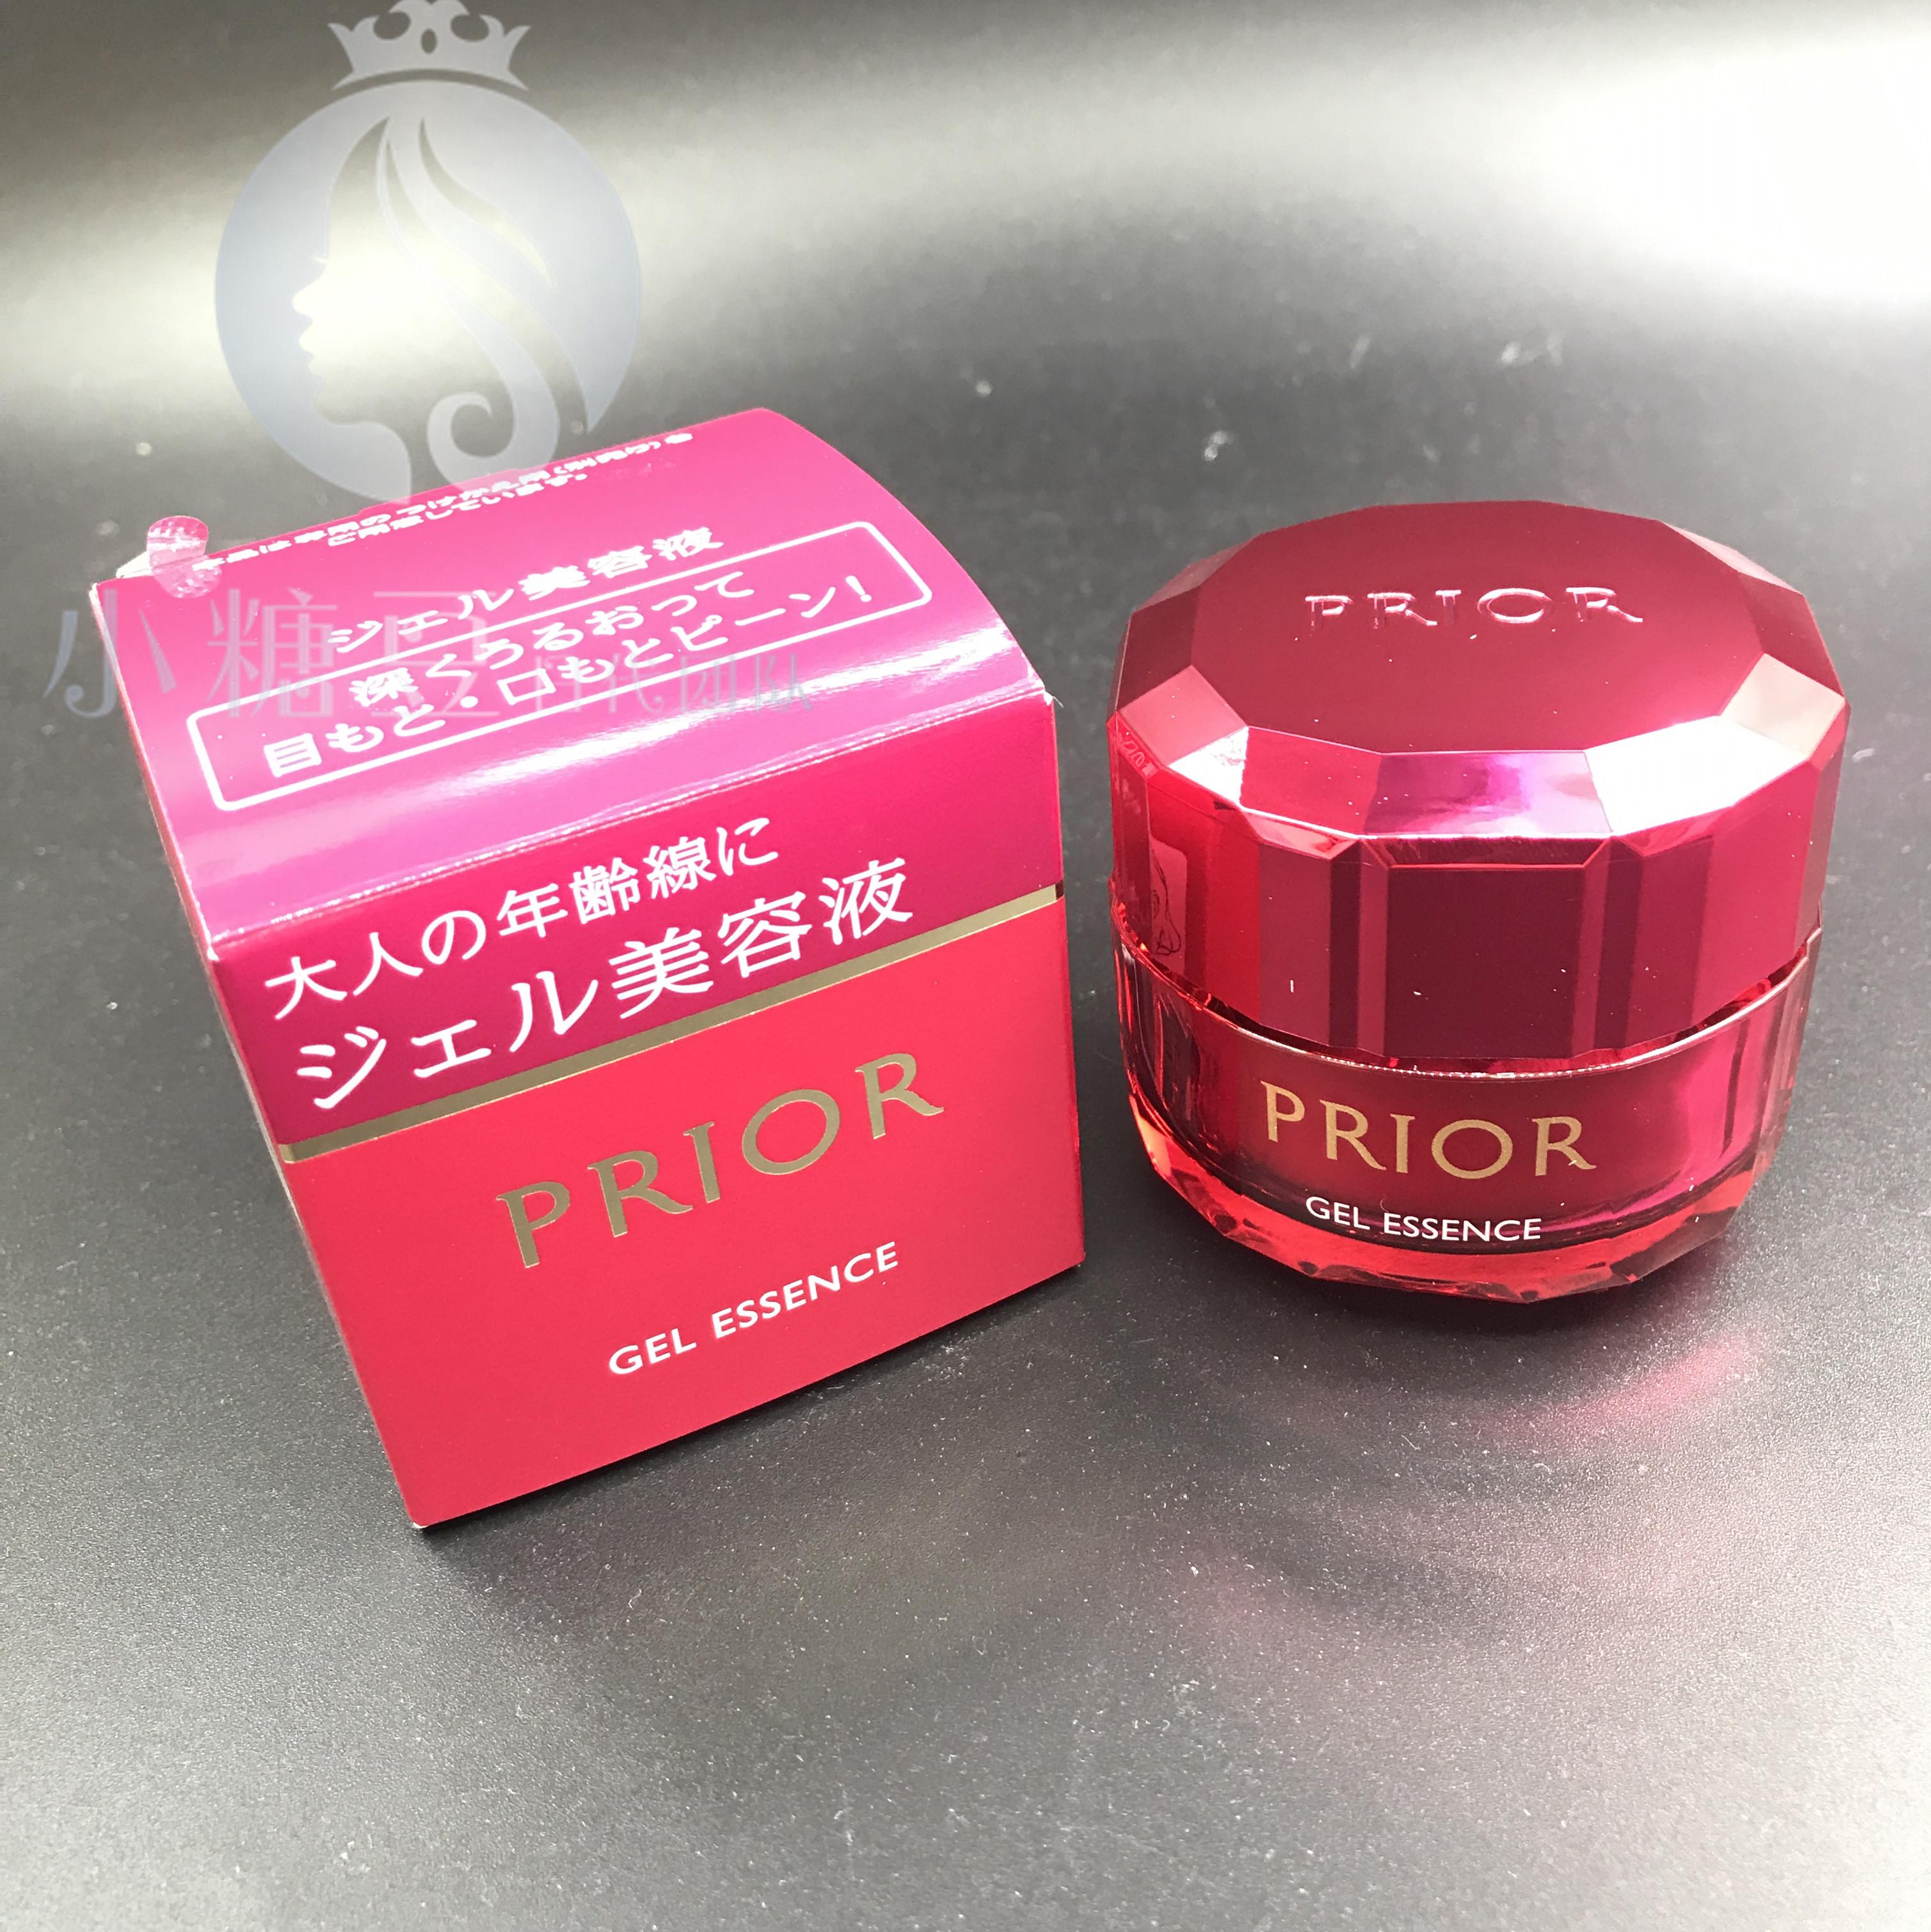 日本直邮 资生堂PRIOR50-60岁妈妈用高保湿抗衰啫喱美容精华面霜